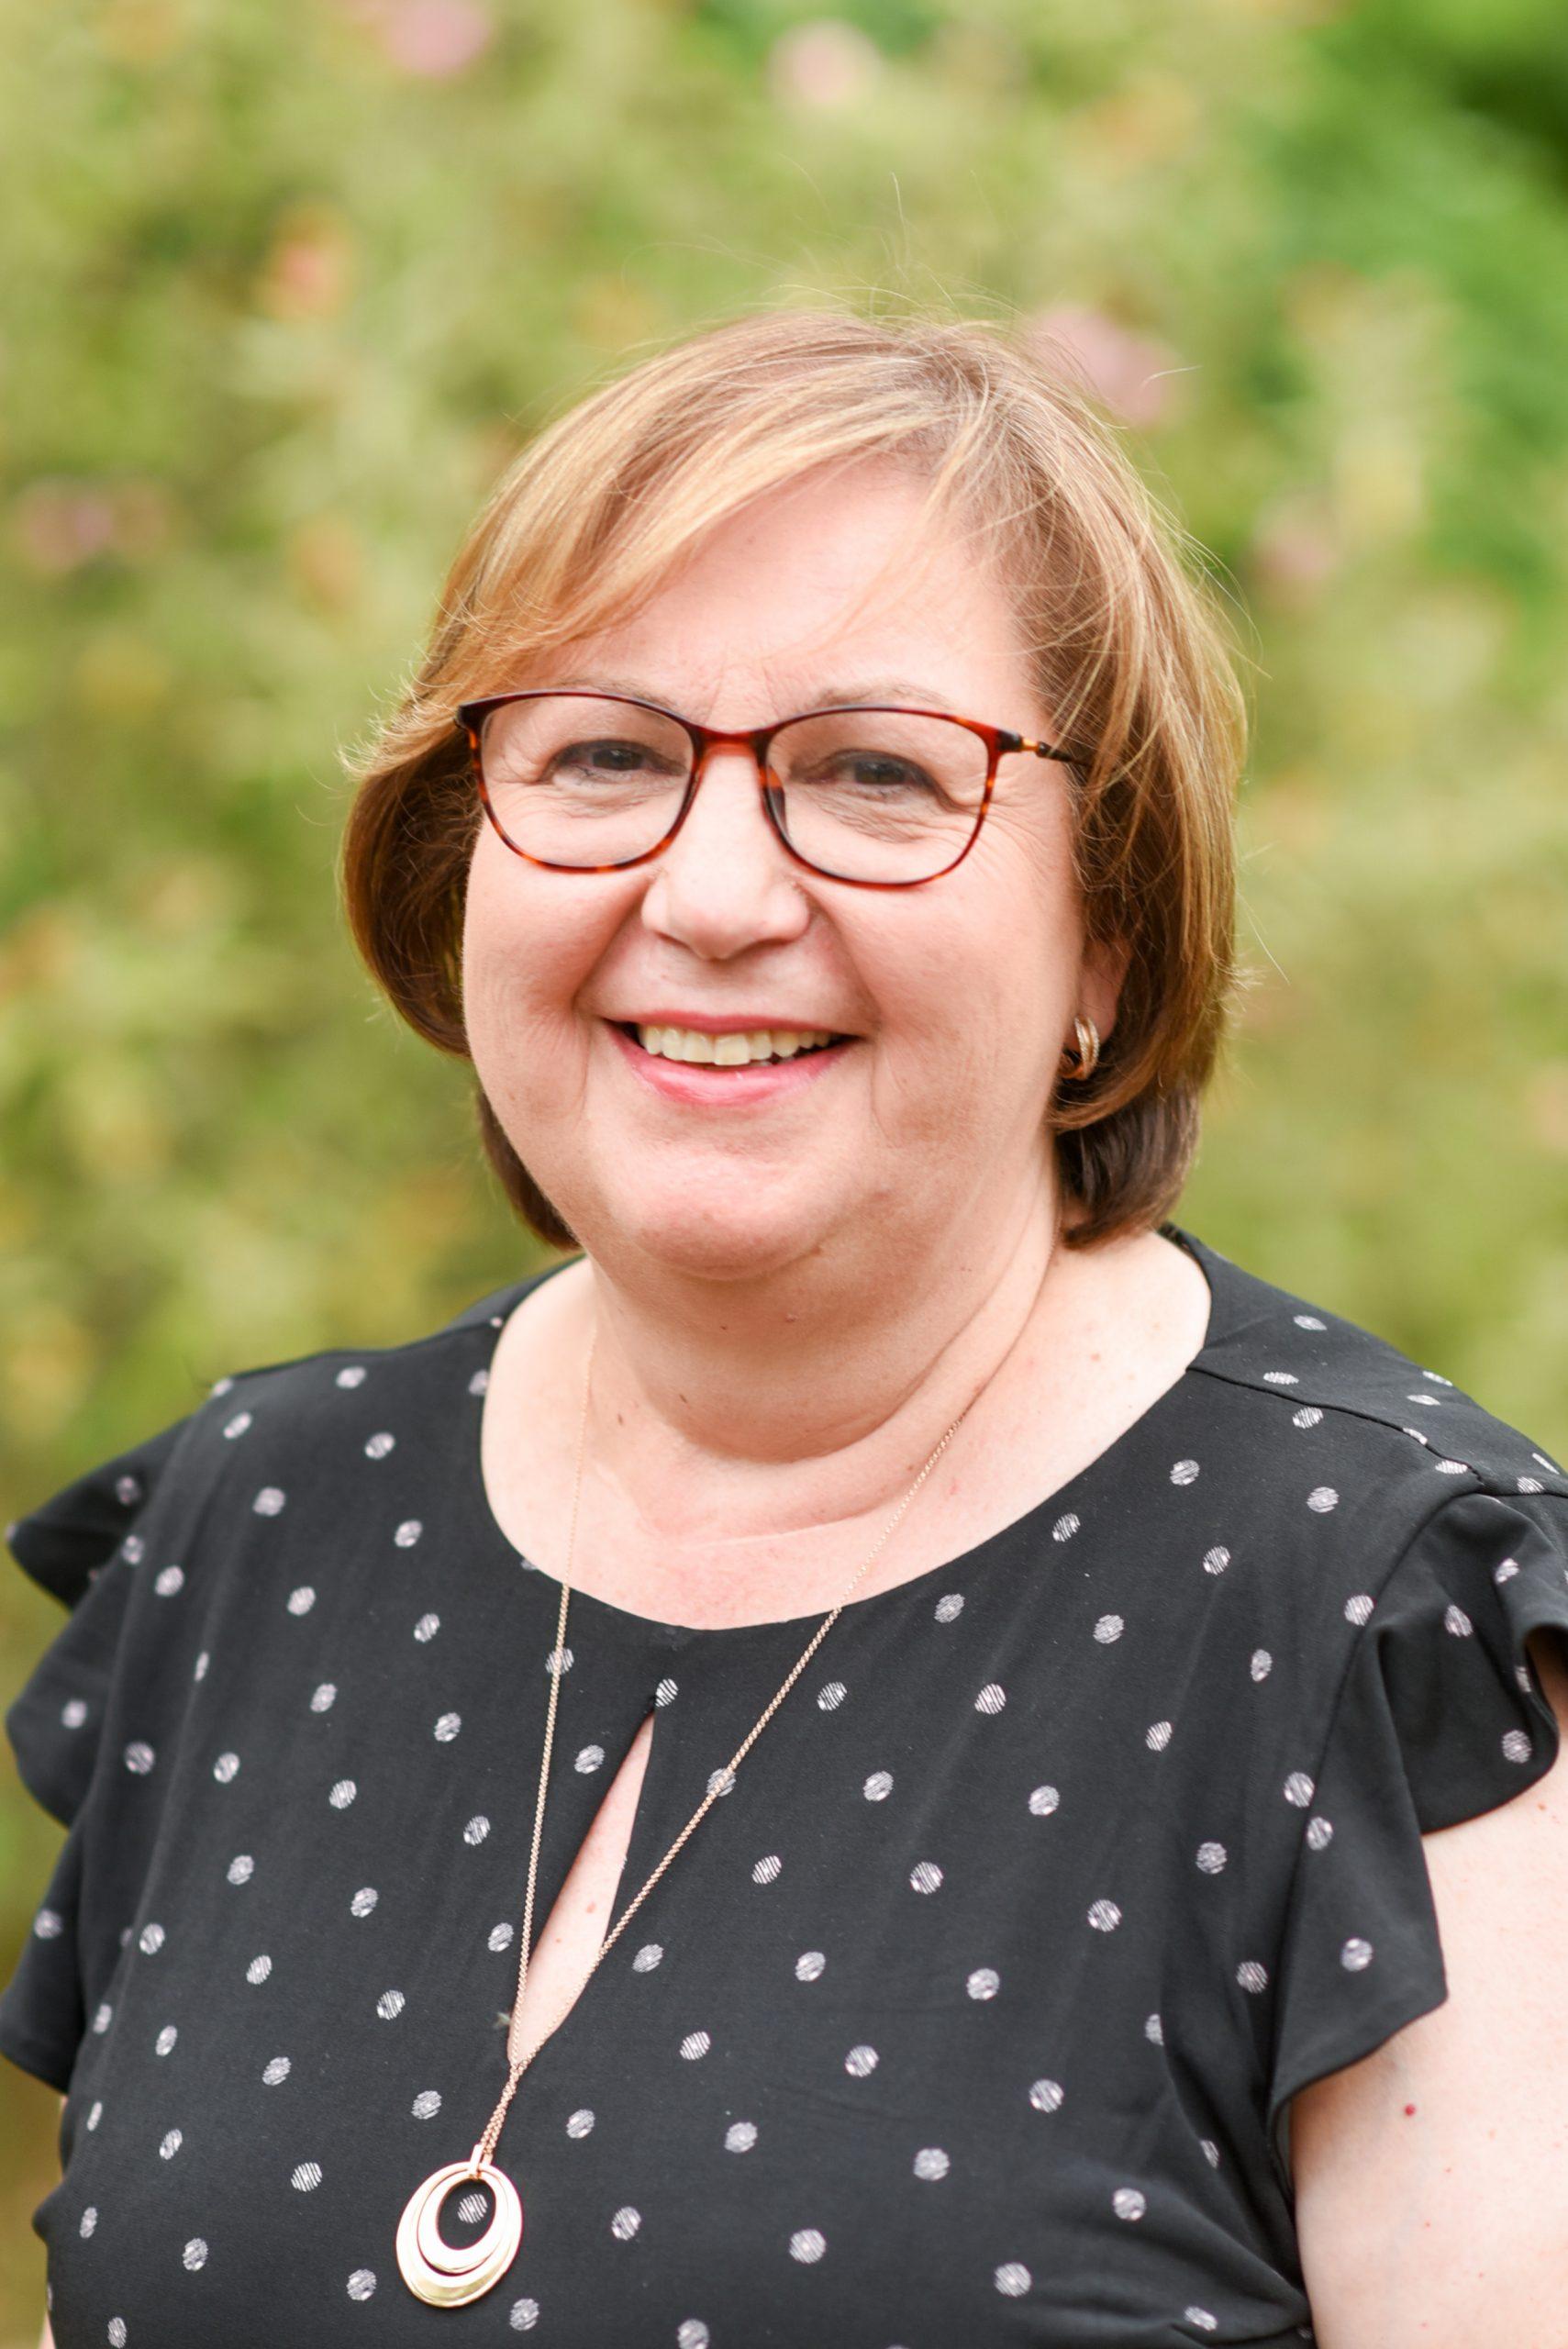 Rosie Cardillo